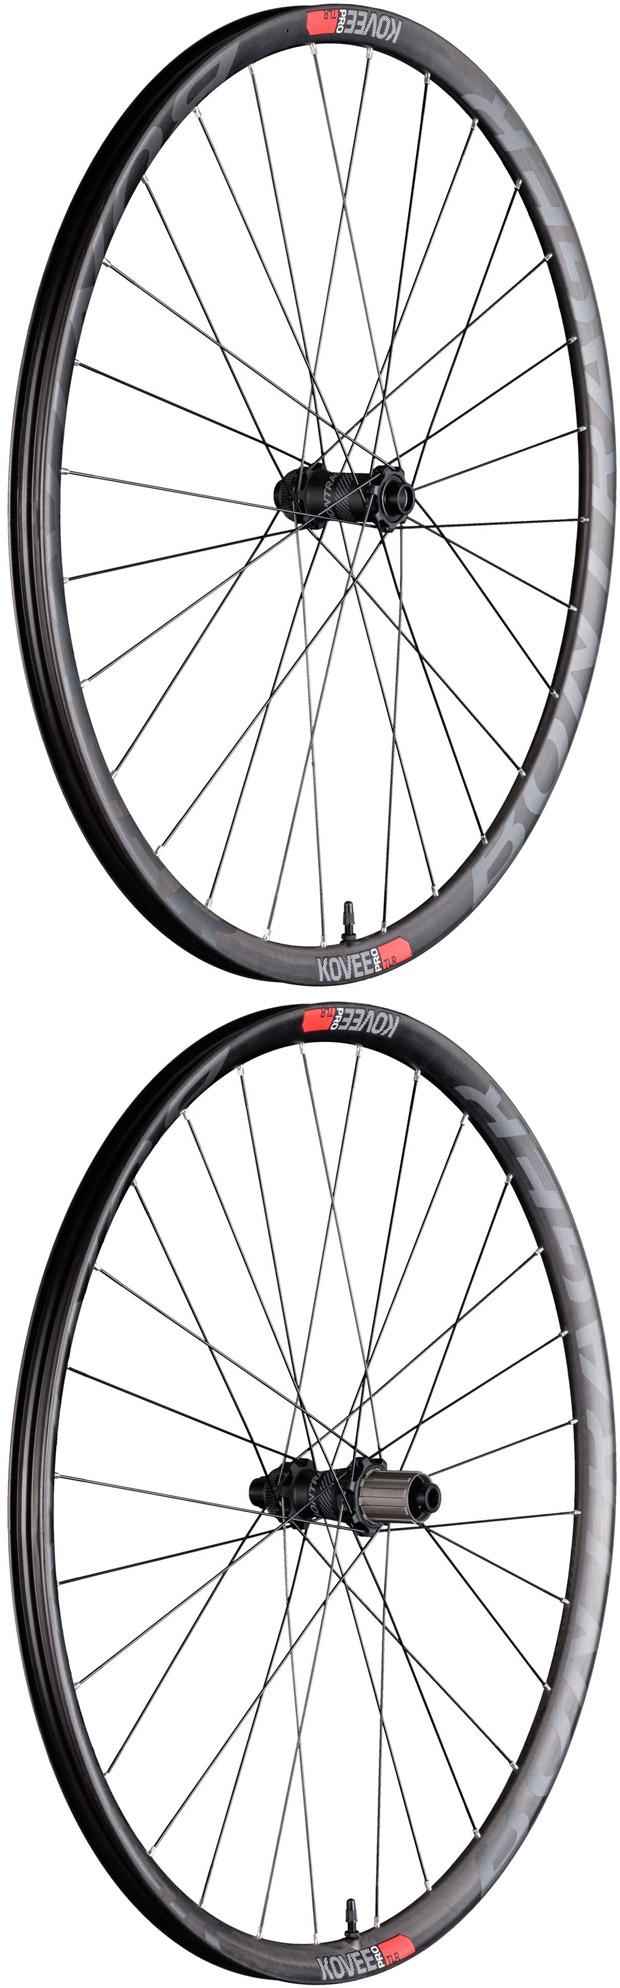 En TodoMountainBike: Bontrager Kovee Pro TLR, nuevas ruedas de carbono versátiles y ligeras orientadas al XC